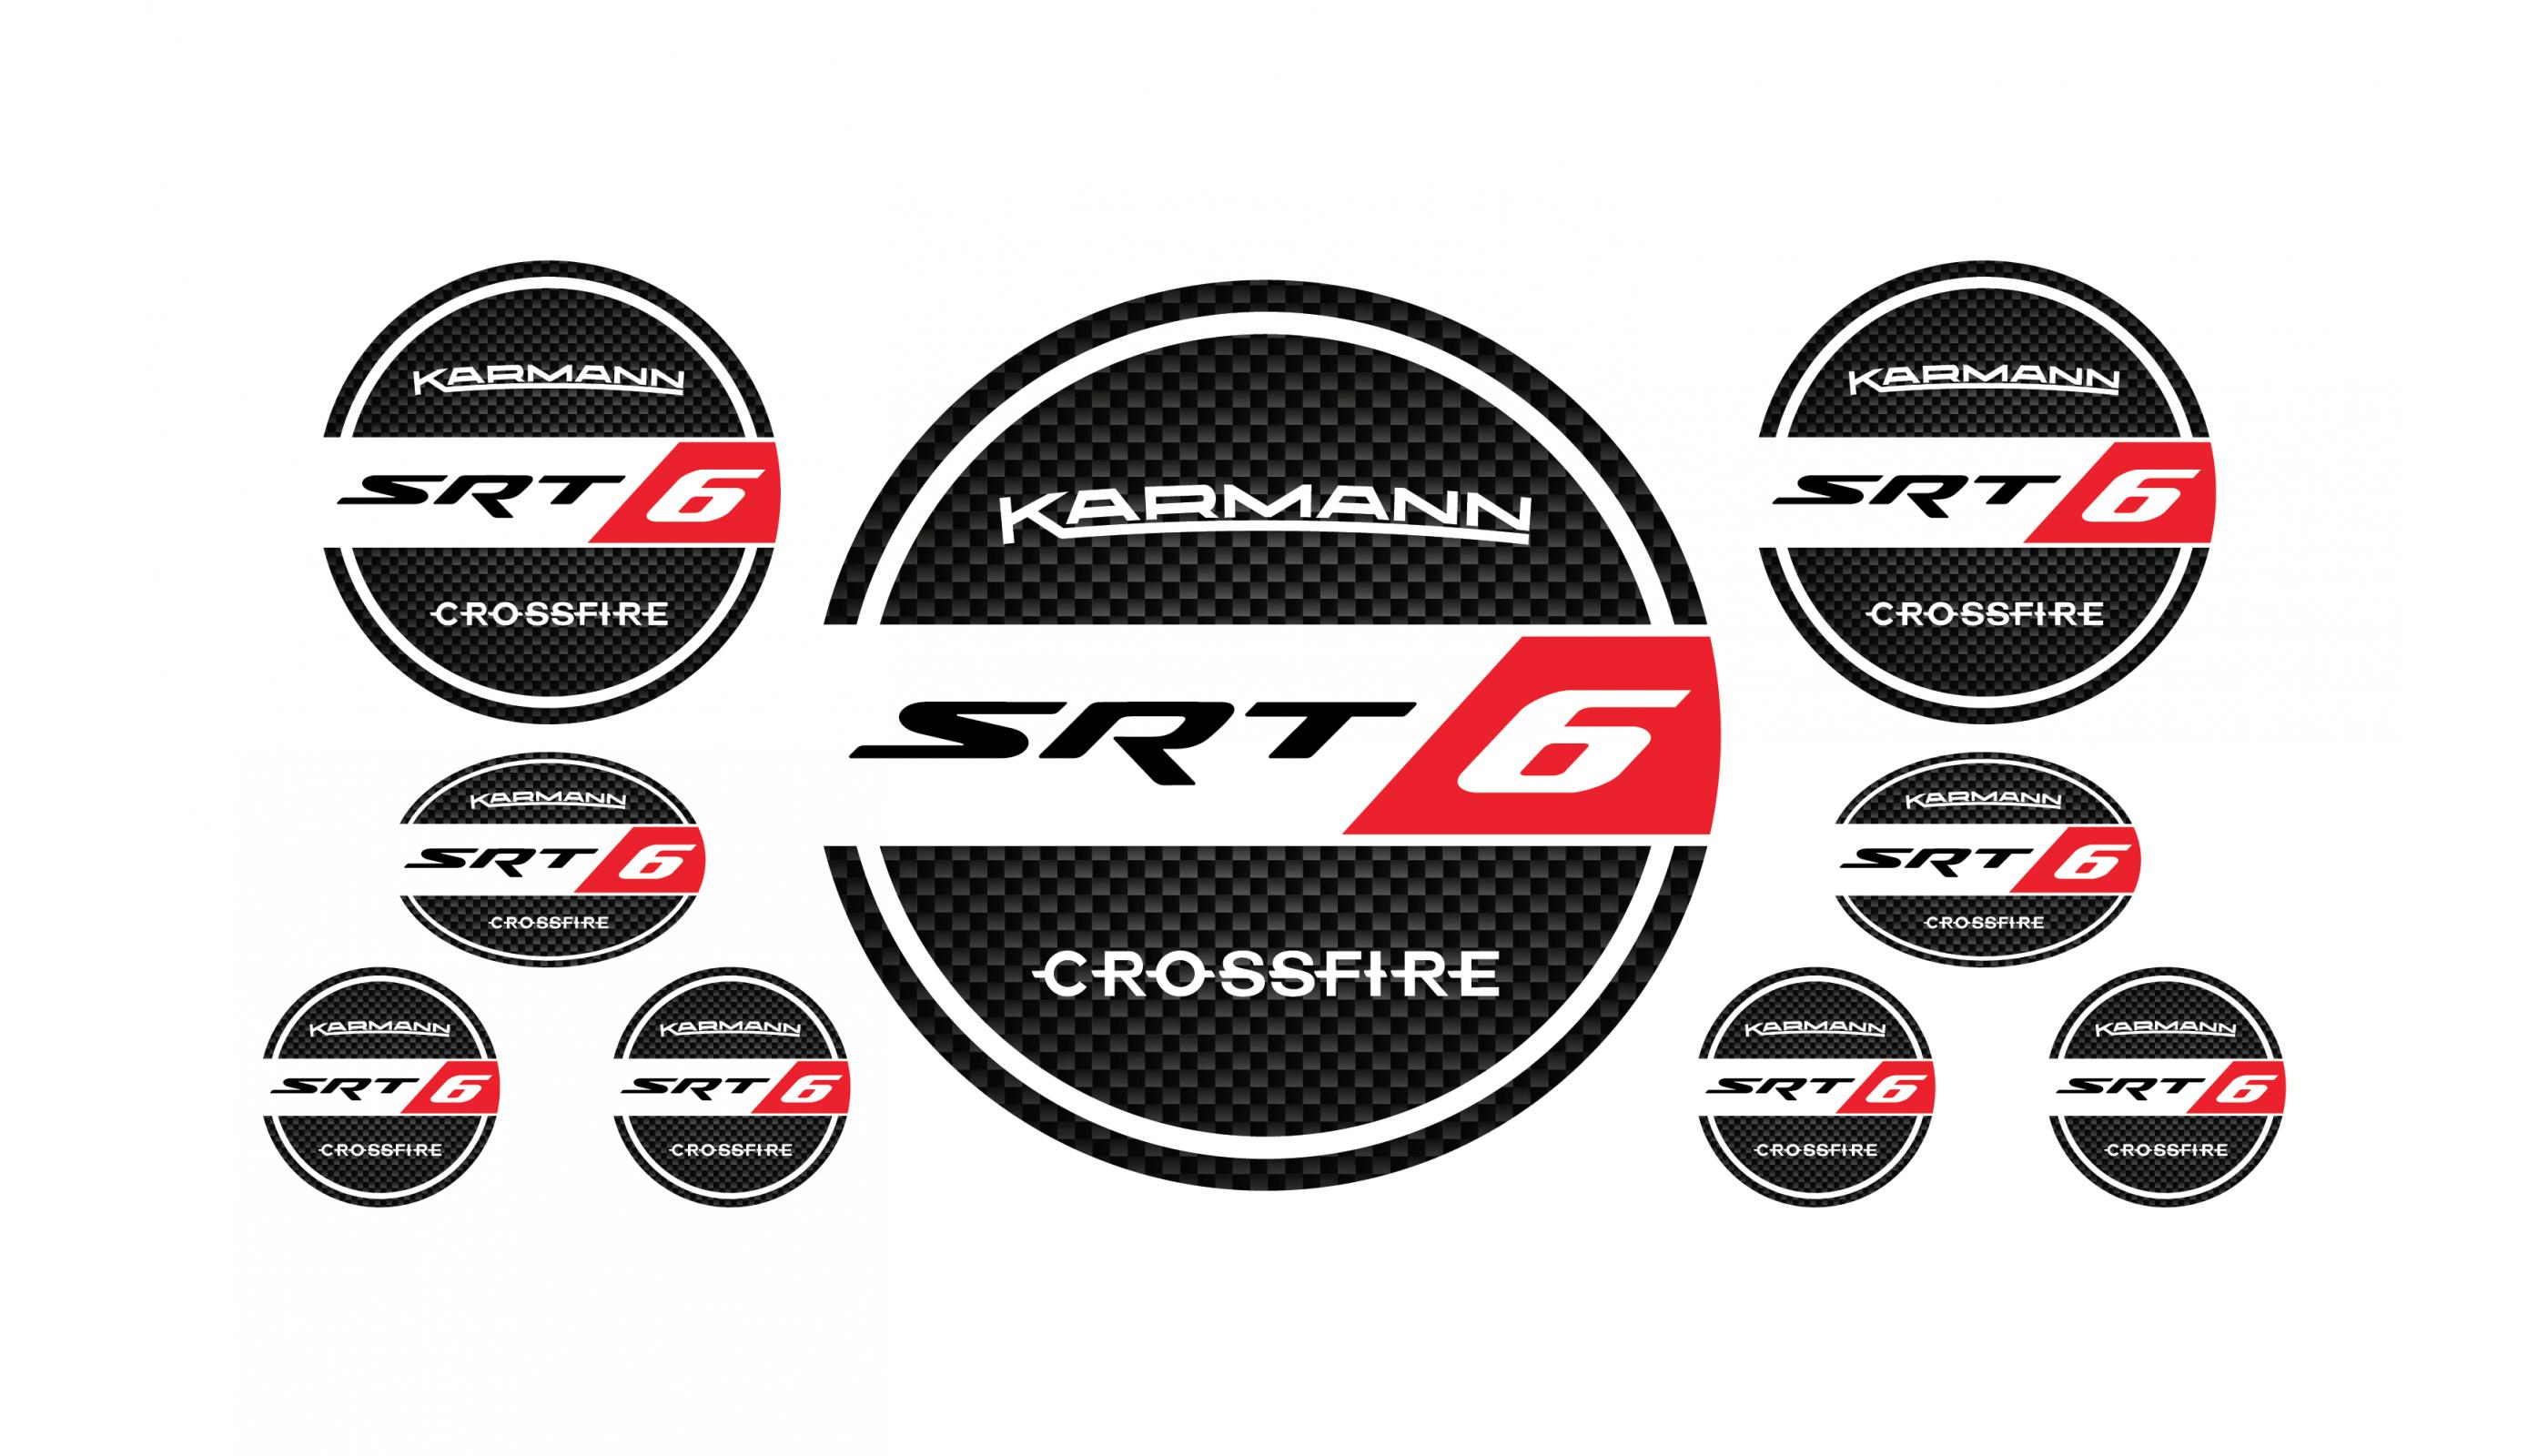 Crossfire SRT6 round domed emblems set